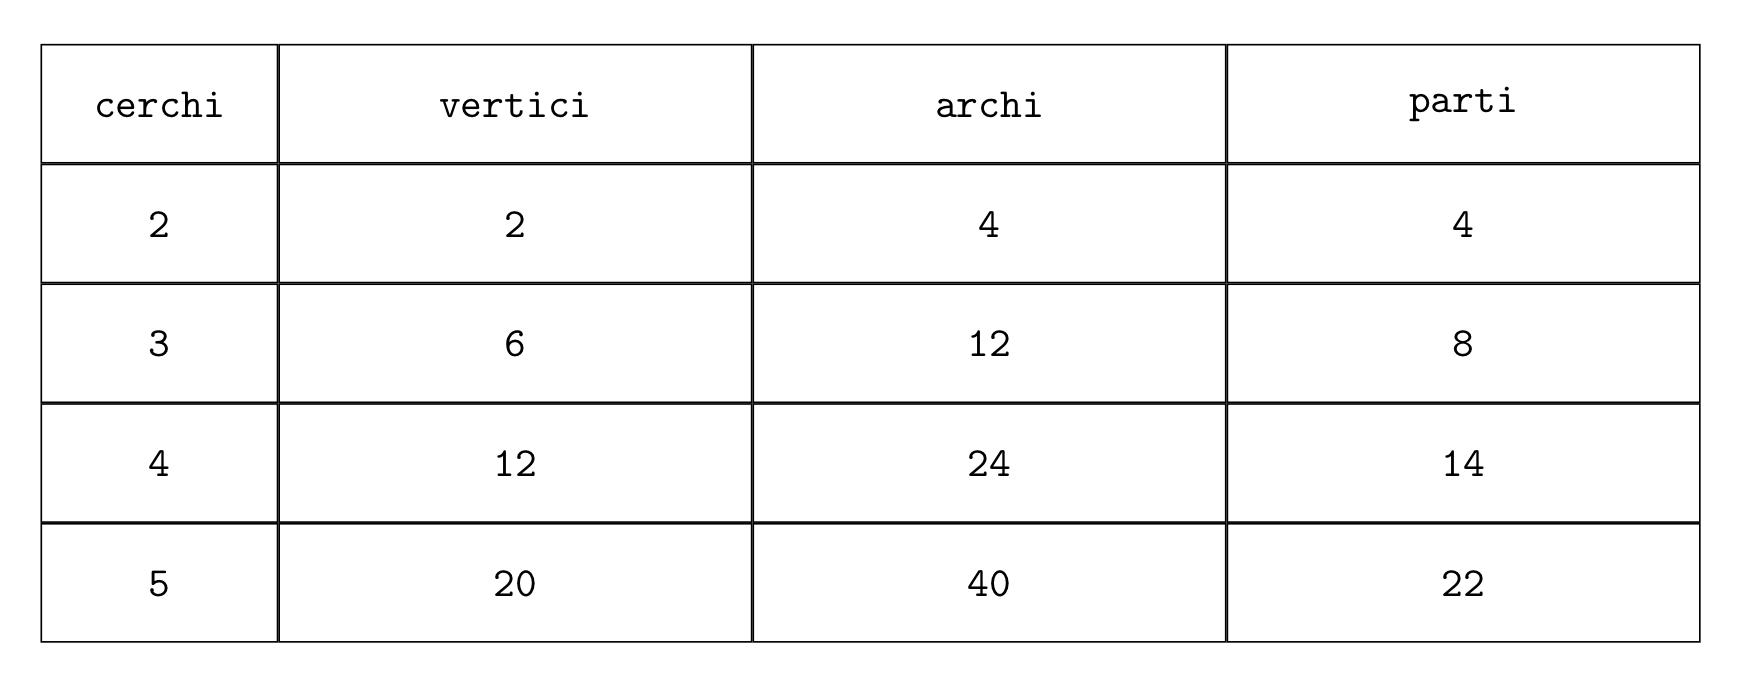 Tabella cerchi-vertici-archi